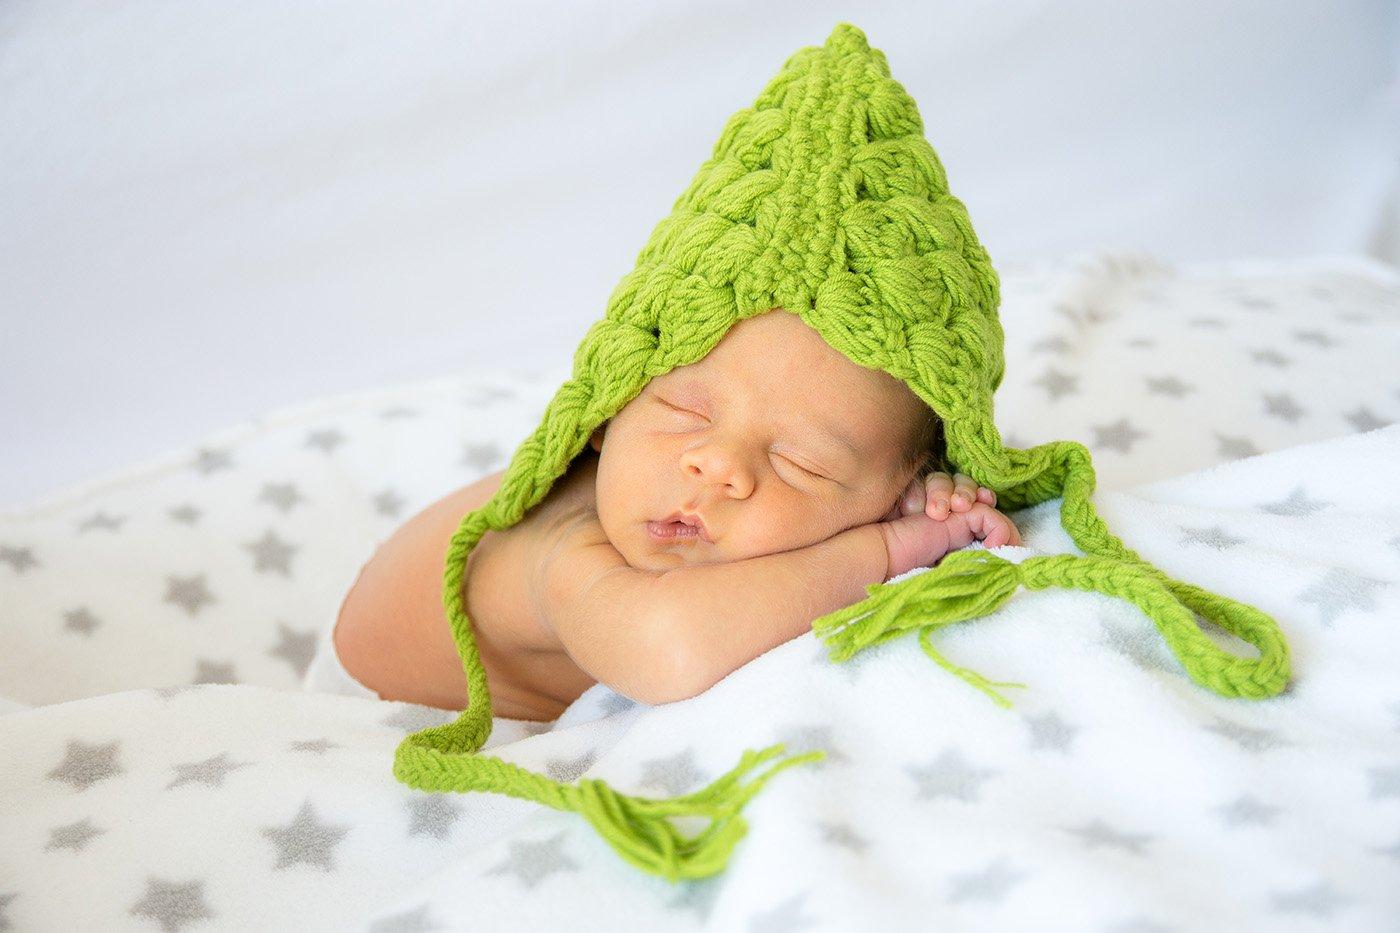 Photo de naissance, bébé avec un bonnet vert dans un drap blanc